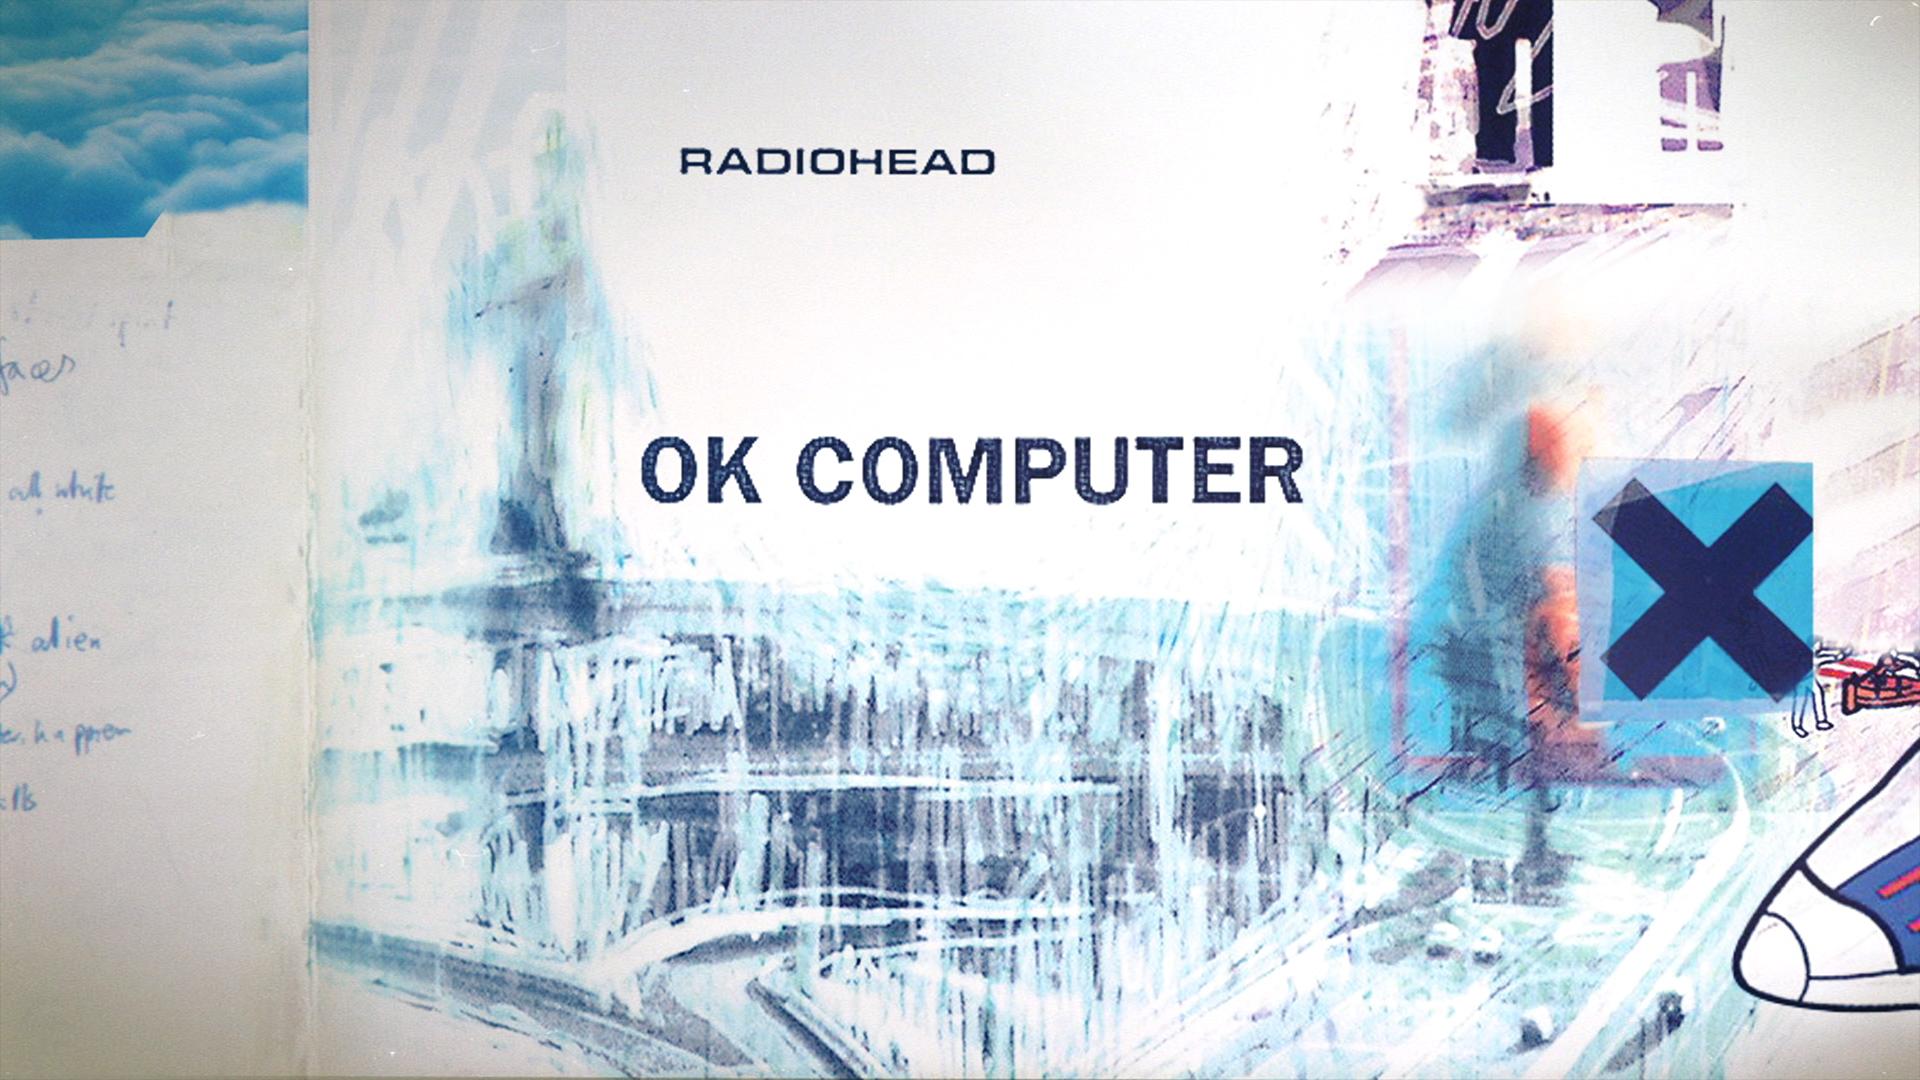 """Los misteriosos posters que anticipan la celebración de los 20 años de """"OK Computer"""" de Radiohead"""